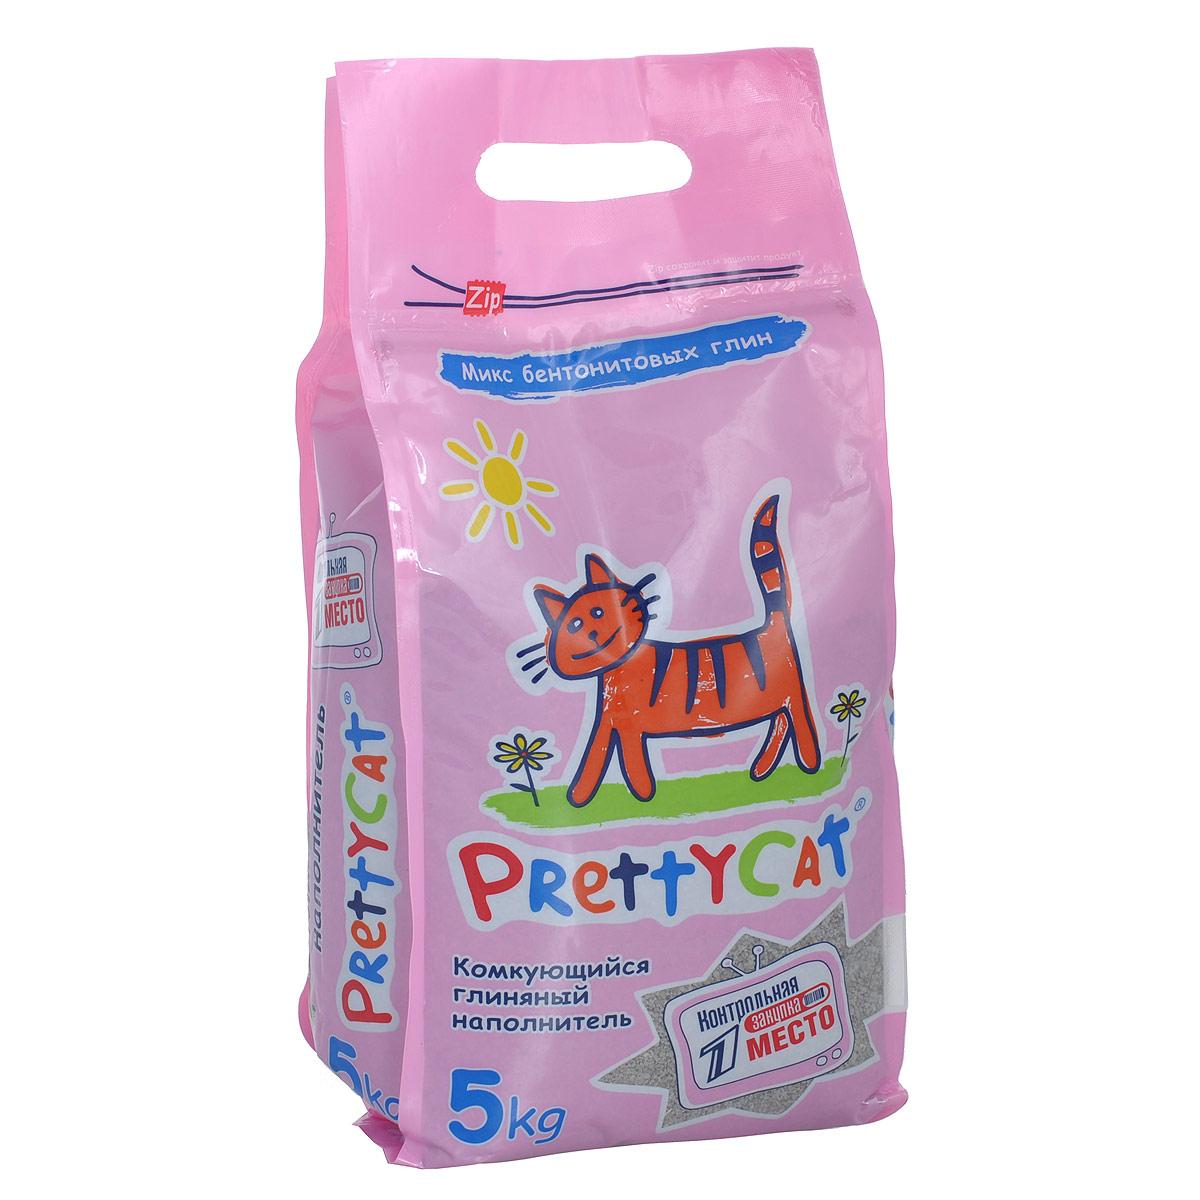 Наполнитель для кошачьих туалетов PrettyCat Euro Mix, комкующийся, 5 кг. 620291 наполнитель для кошачьих туалетов кошкин секрет древесный 2 5 кг